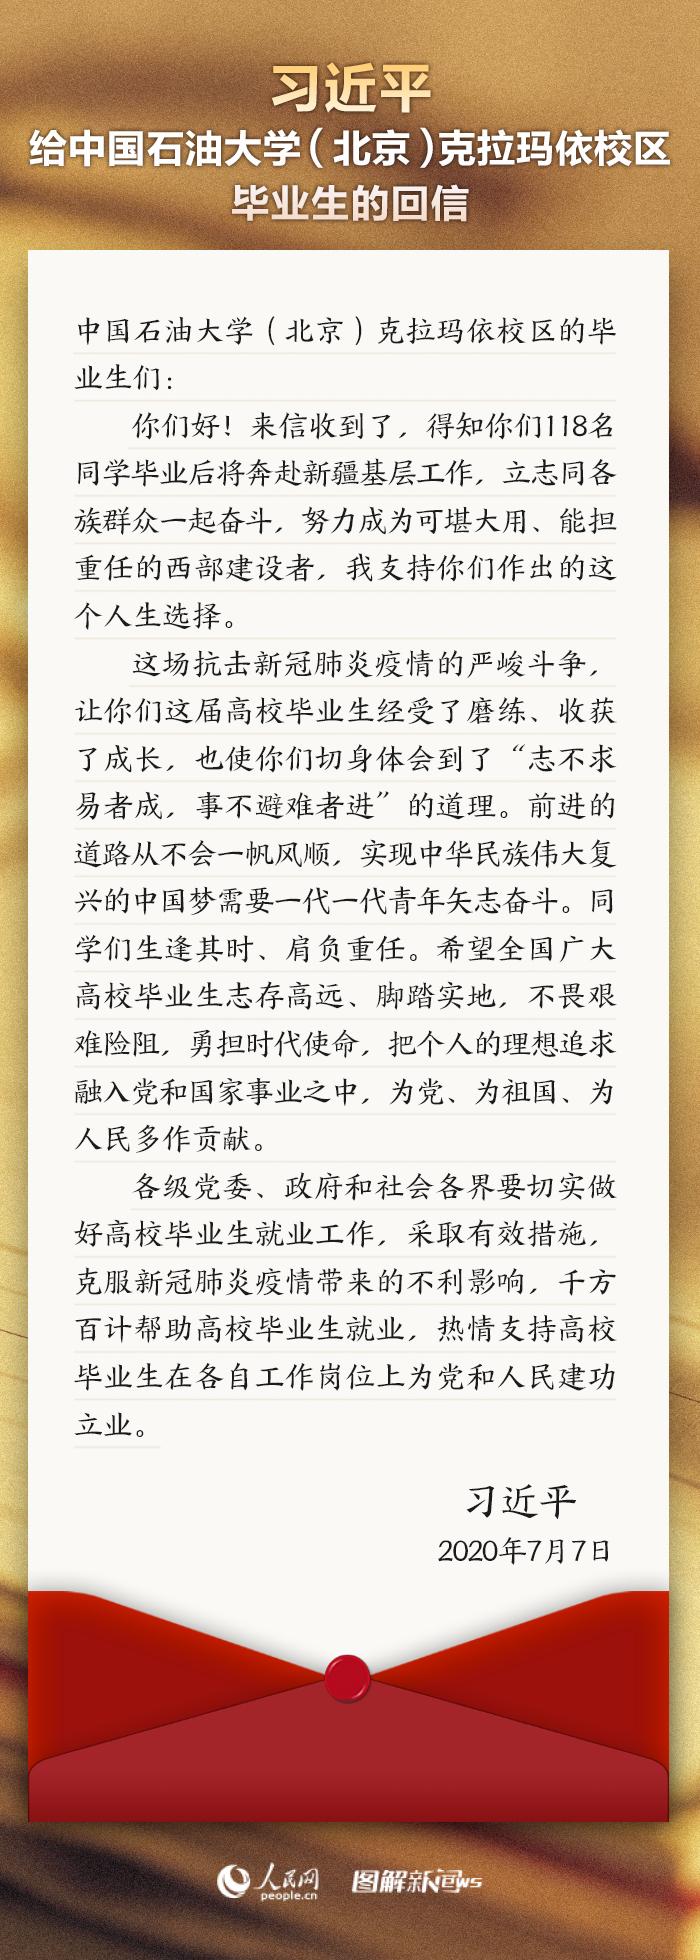 西峡县桑坪镇中心幼儿园 扶贫大走访 帮扶真关爱